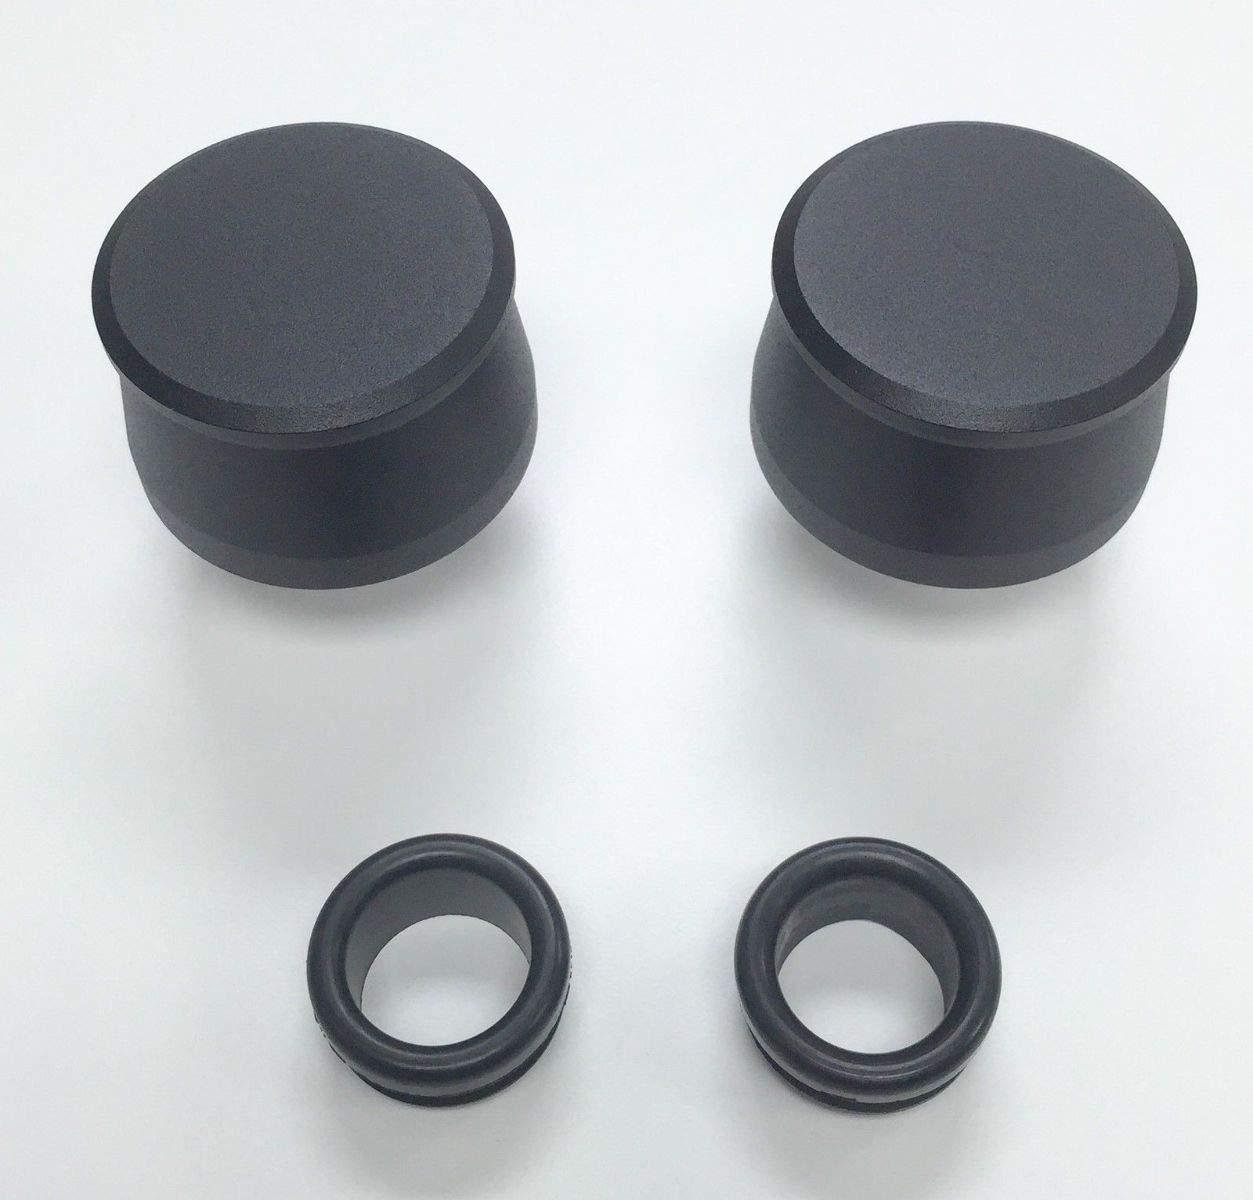 Pirate Mfg Hot Rod Black Billet Aluminum Valve Cover Breather Kit W//Grommet SBC BBC V8